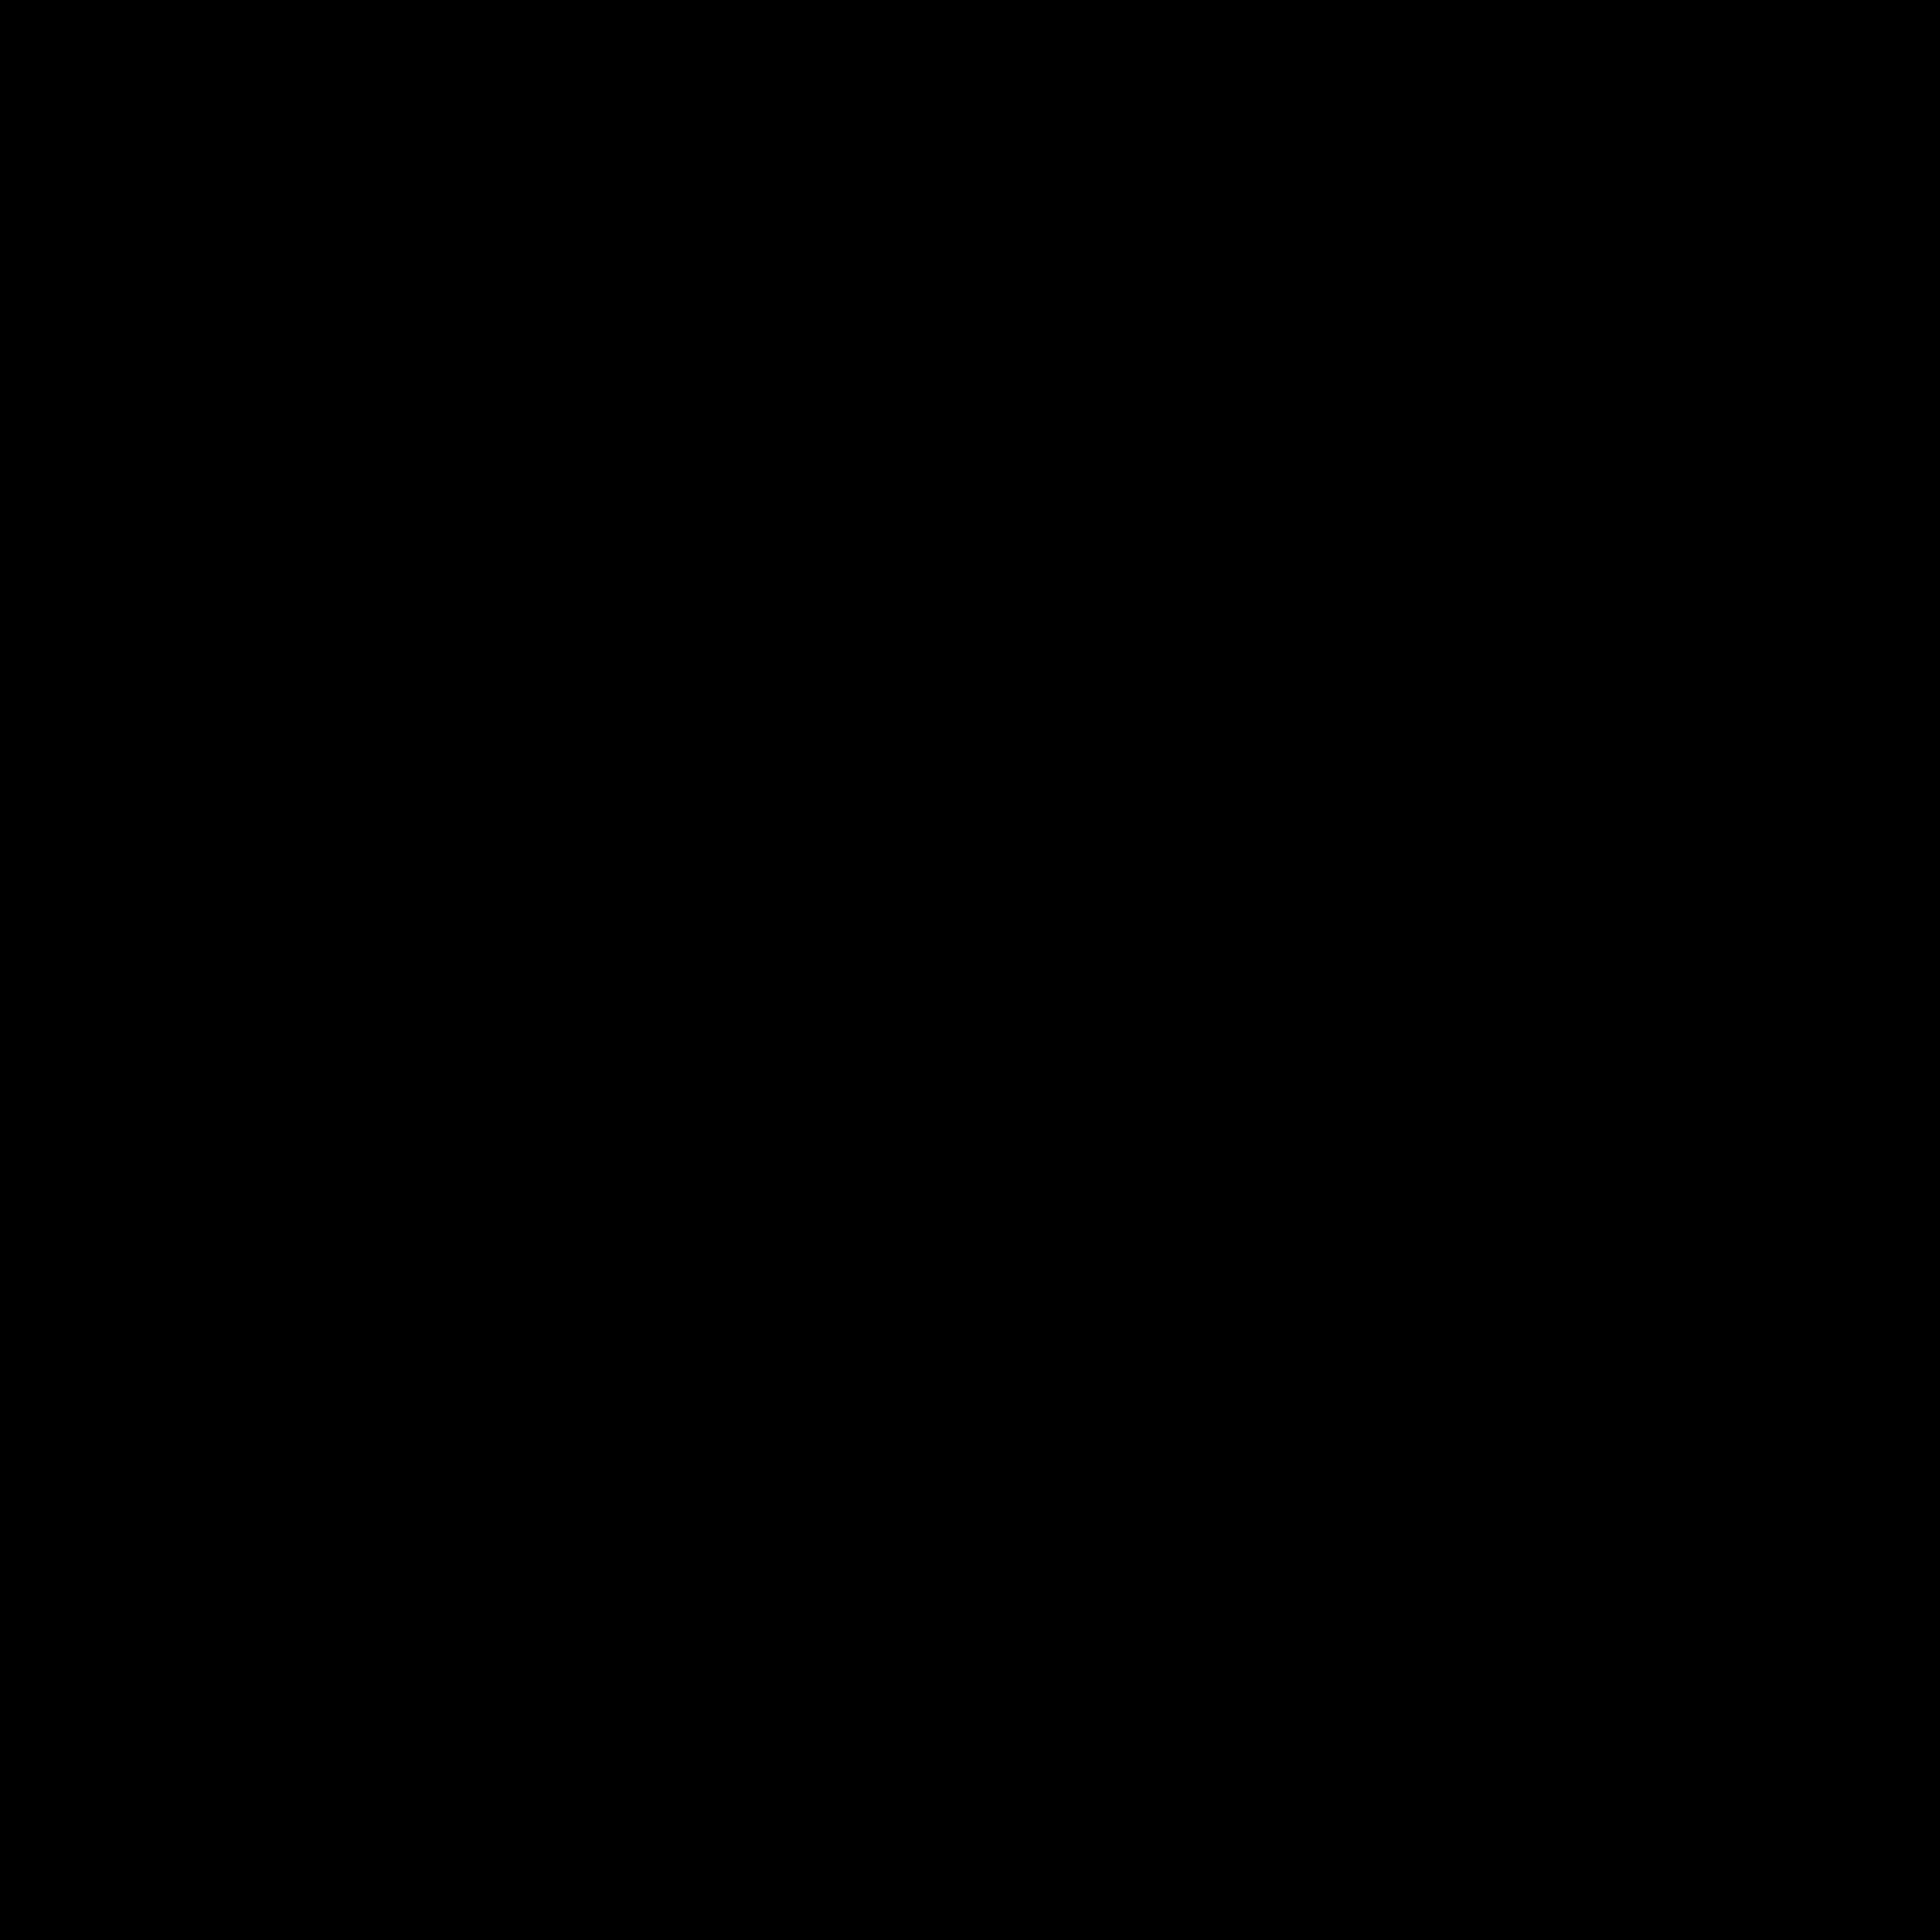 Wrigleys logo png transparent svg vector freebie supply wrigleys logo black and white altavistaventures Images